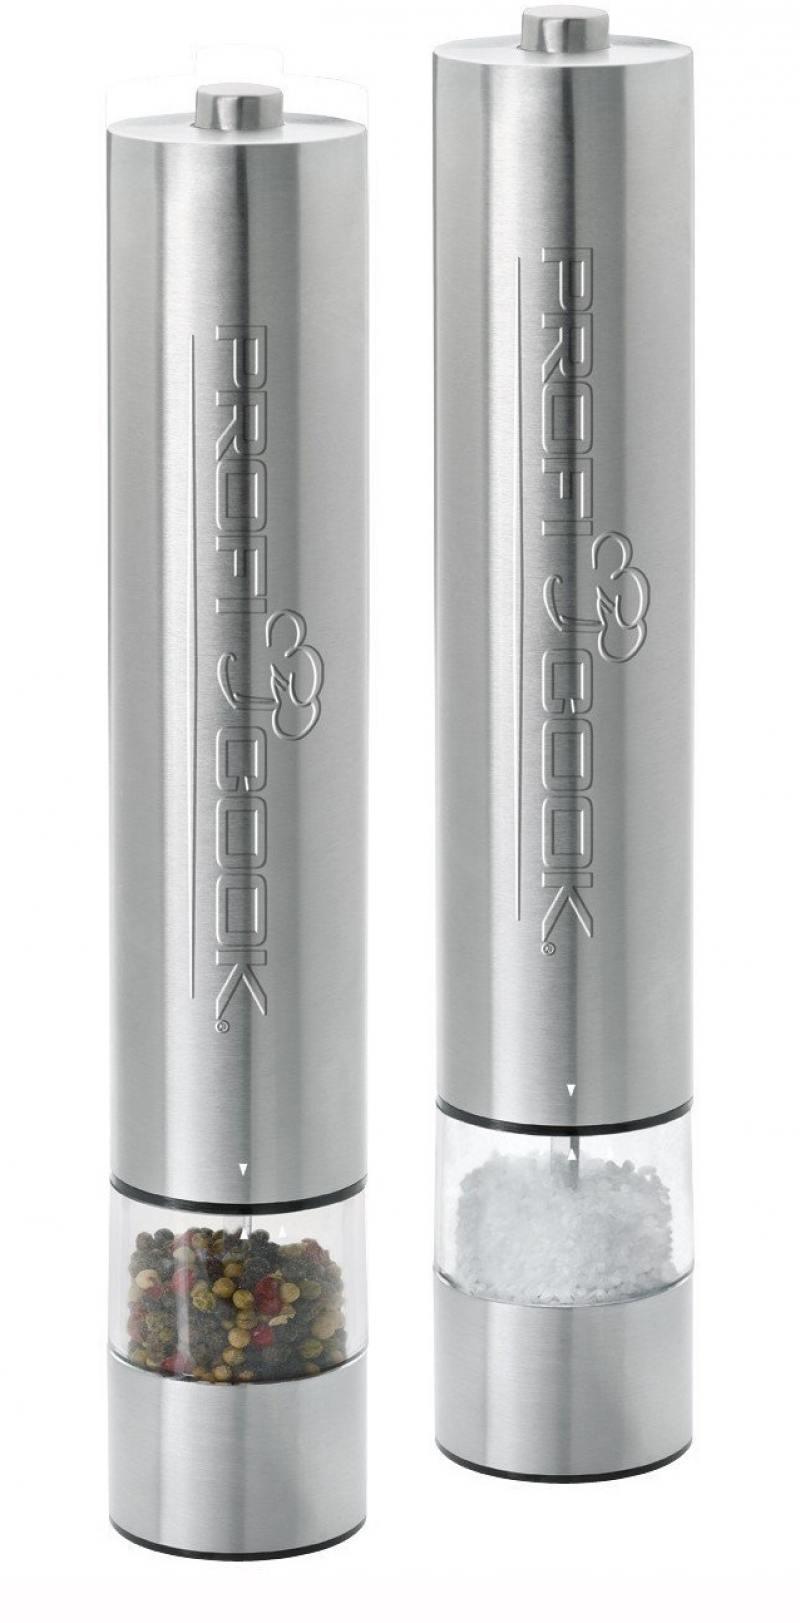 Измельчитель Profi Cook PC-PSM 1031 серебристый для специй и соли измельчитель gorenje s450e 450вт серебристый